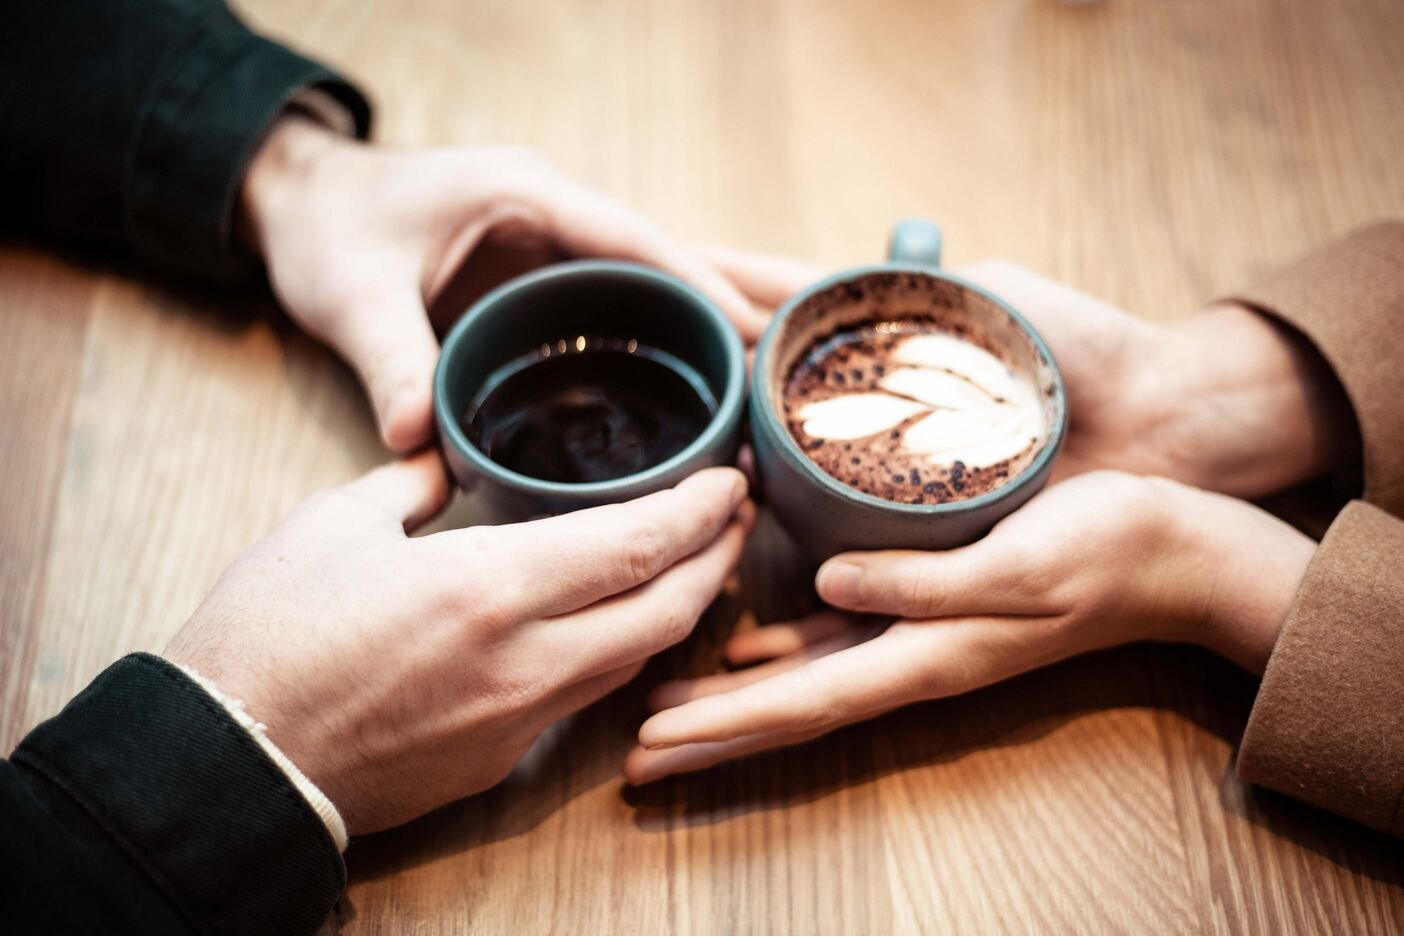 La acompañante ideal a través del matchmaking